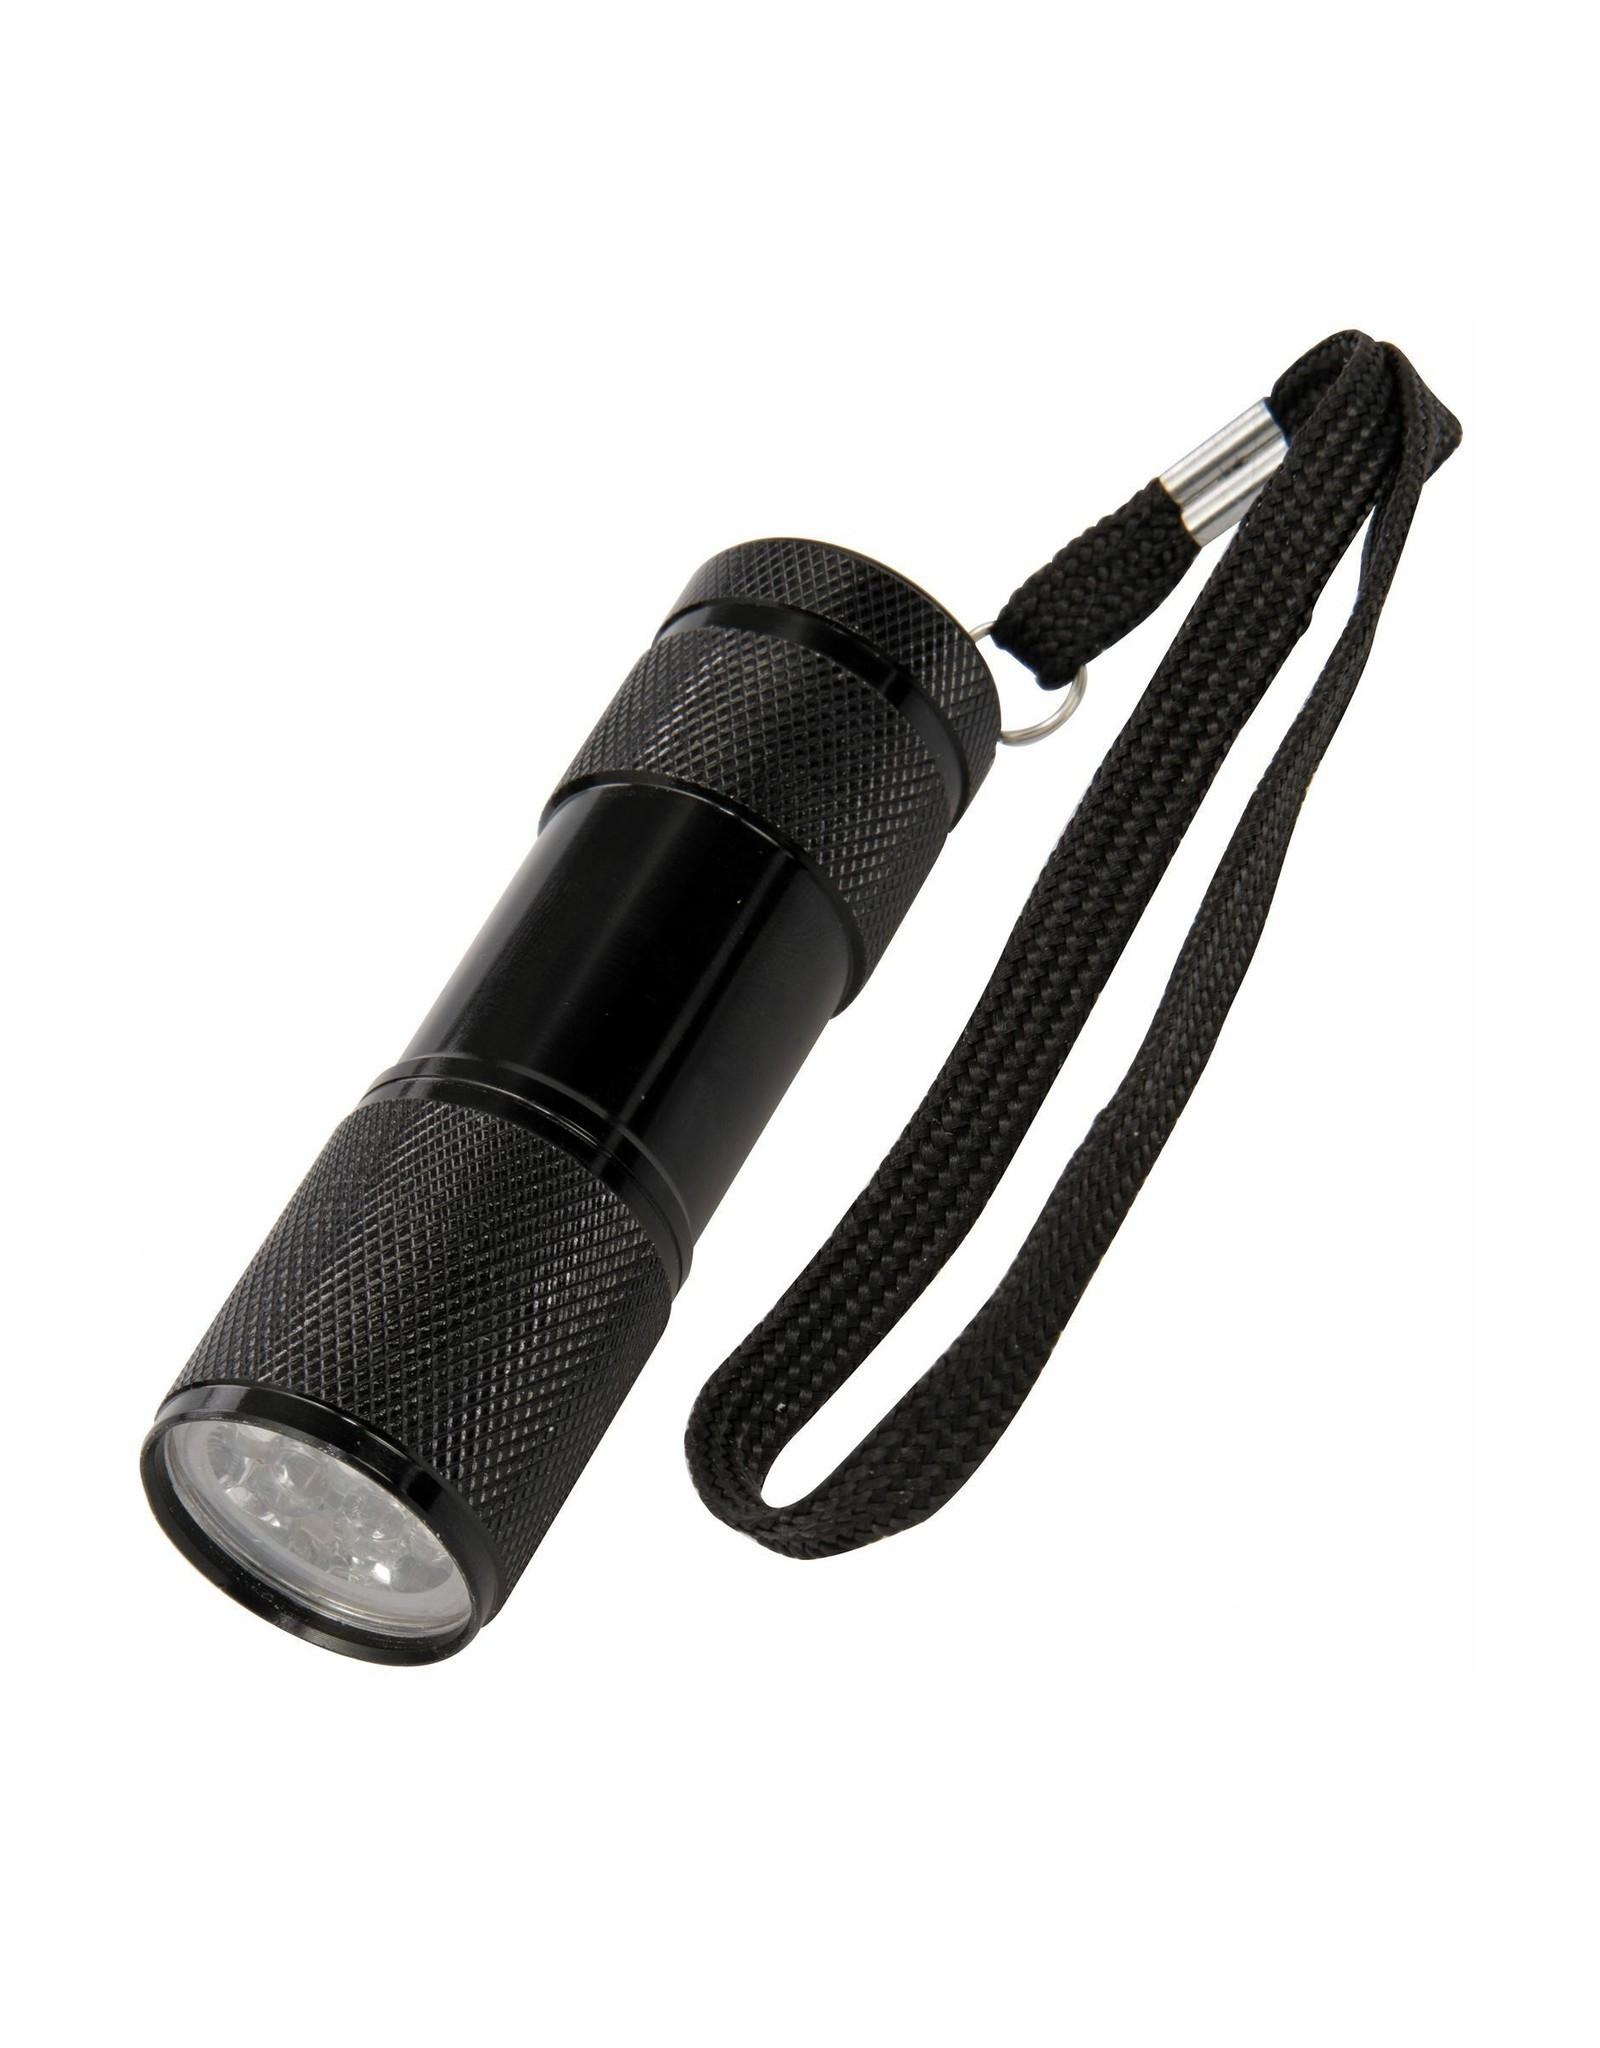 Militaire Zaklamp - UV Verlichting - Zwart